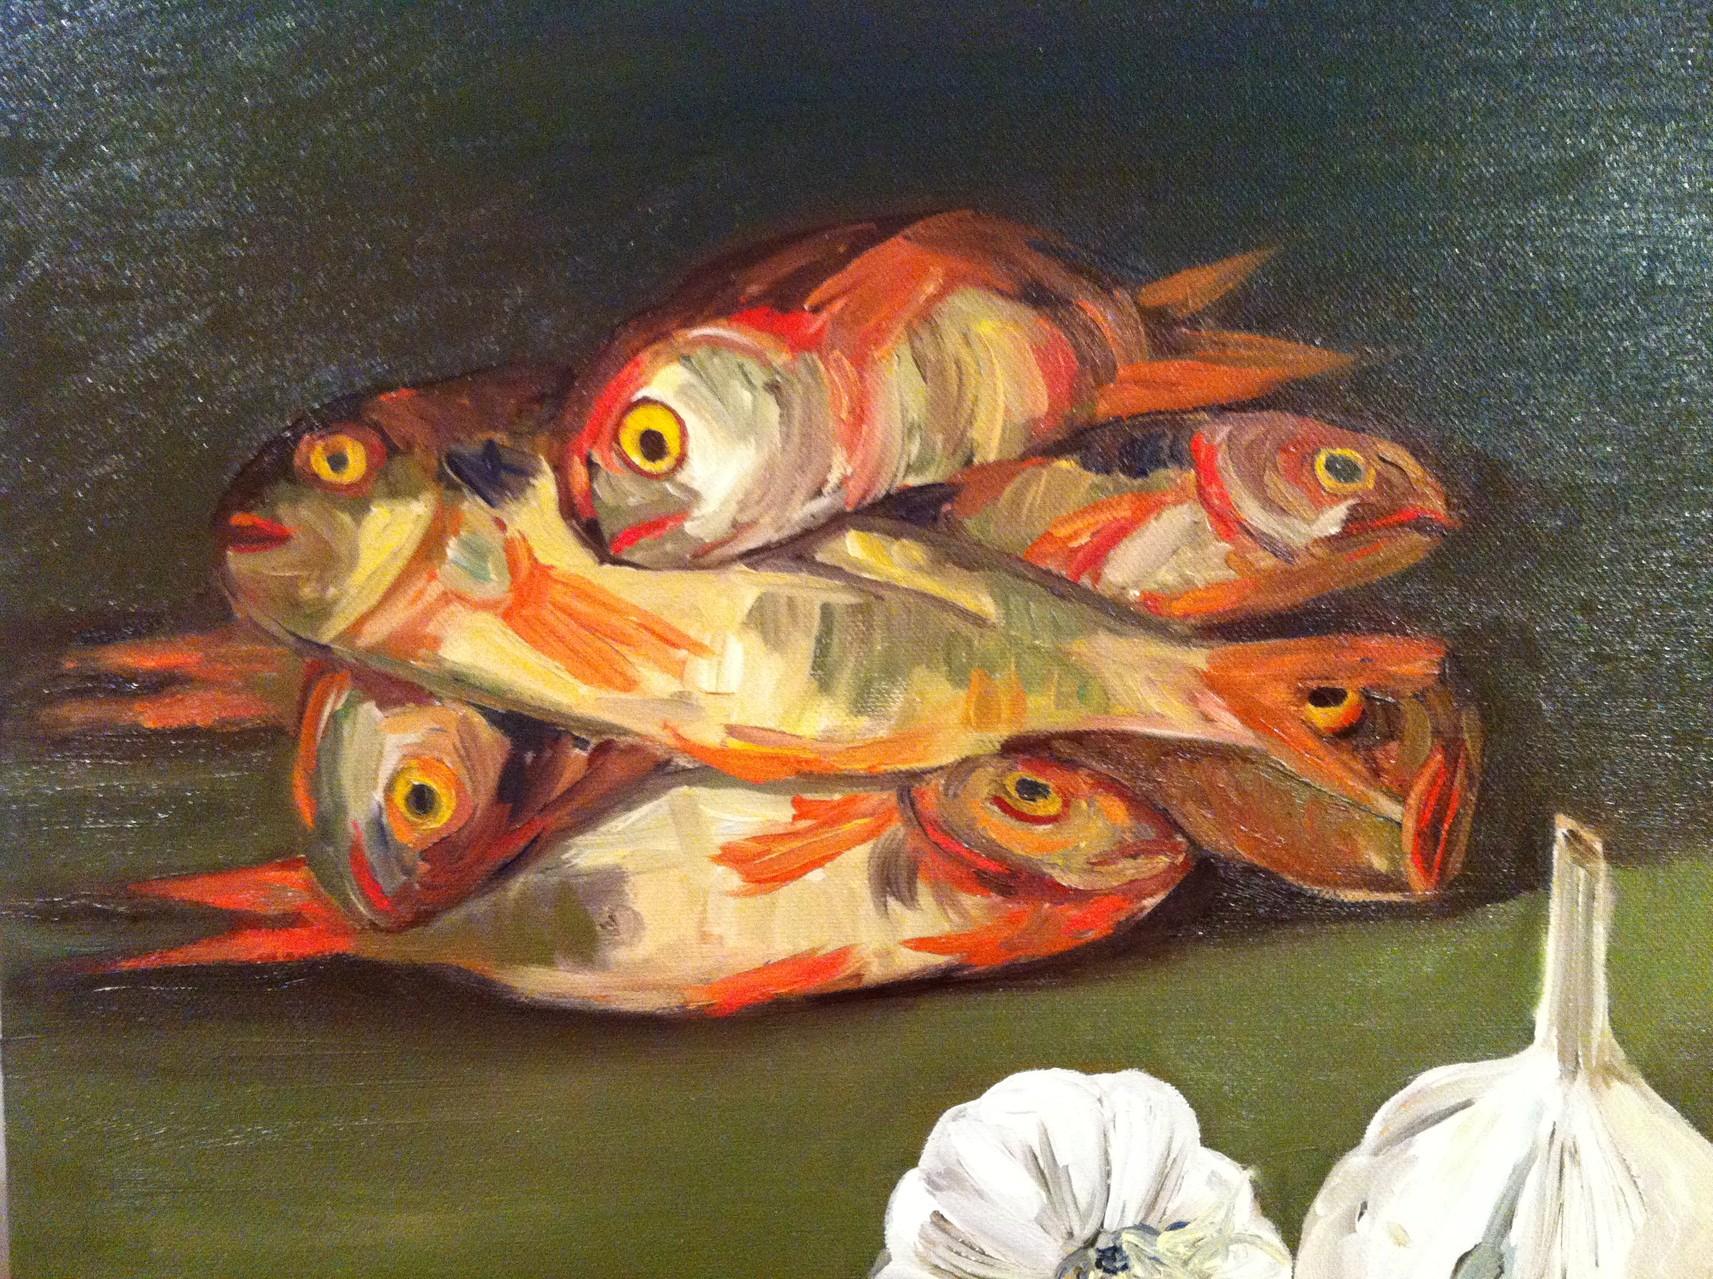 ROUGETS ET AULX, Huile sur toile 40x40 cm /2014